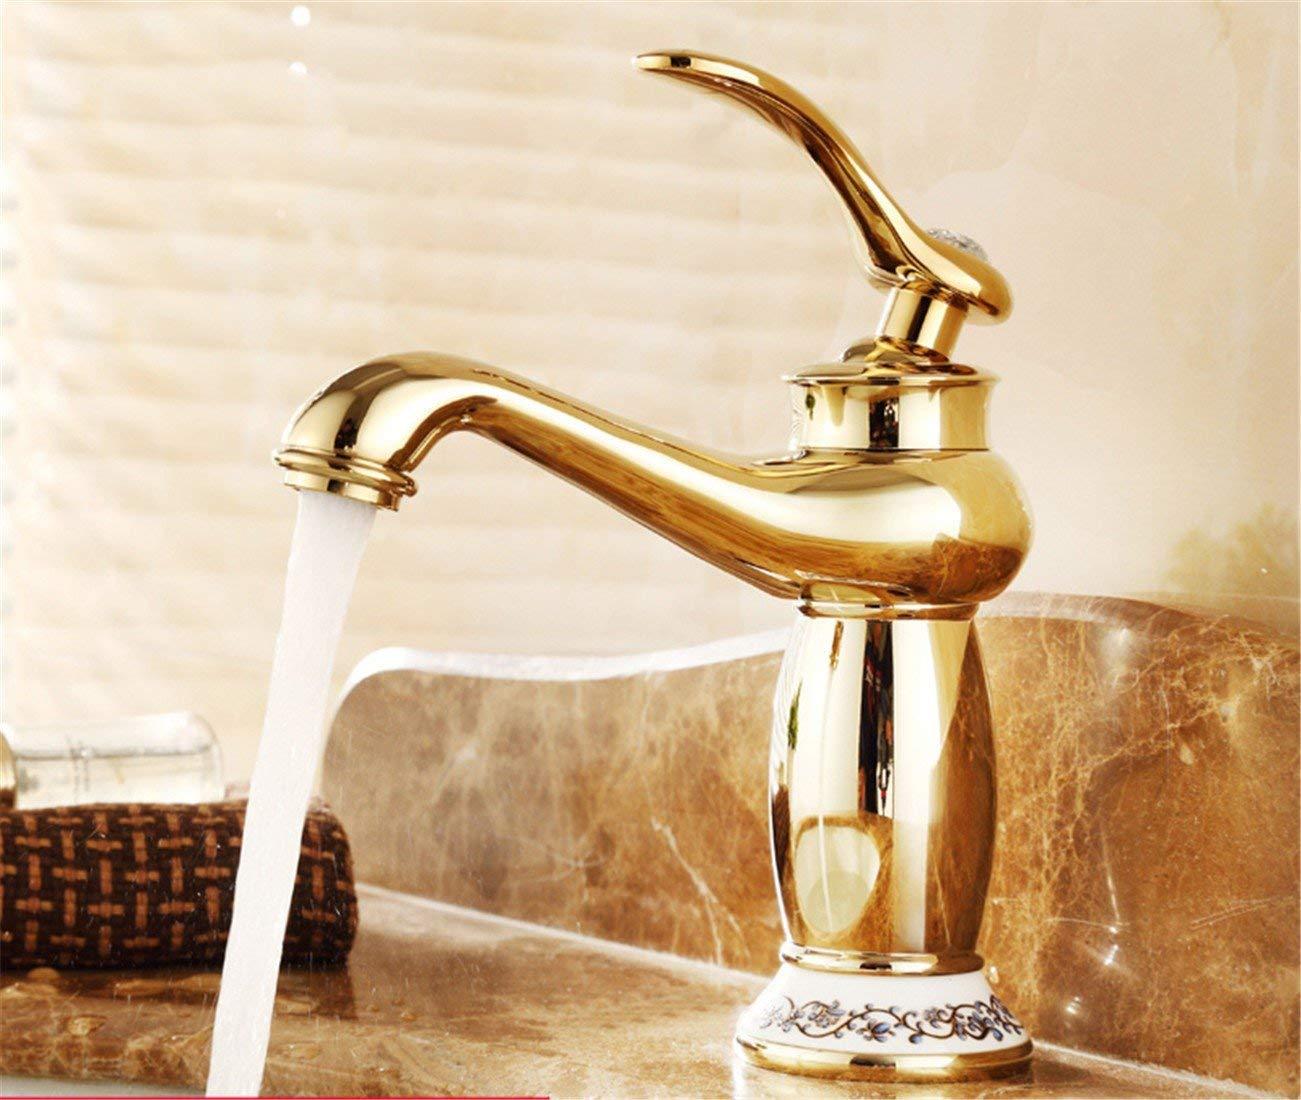 JingJingnet 黄金の蛇口ホットとコールドコンチネンタル銅浴室の蛇口すべて高青タイルテーブルトップ盆地ゴールドメッキアンティーク蛇口 (Color : 1) B07S3QSGRY 1